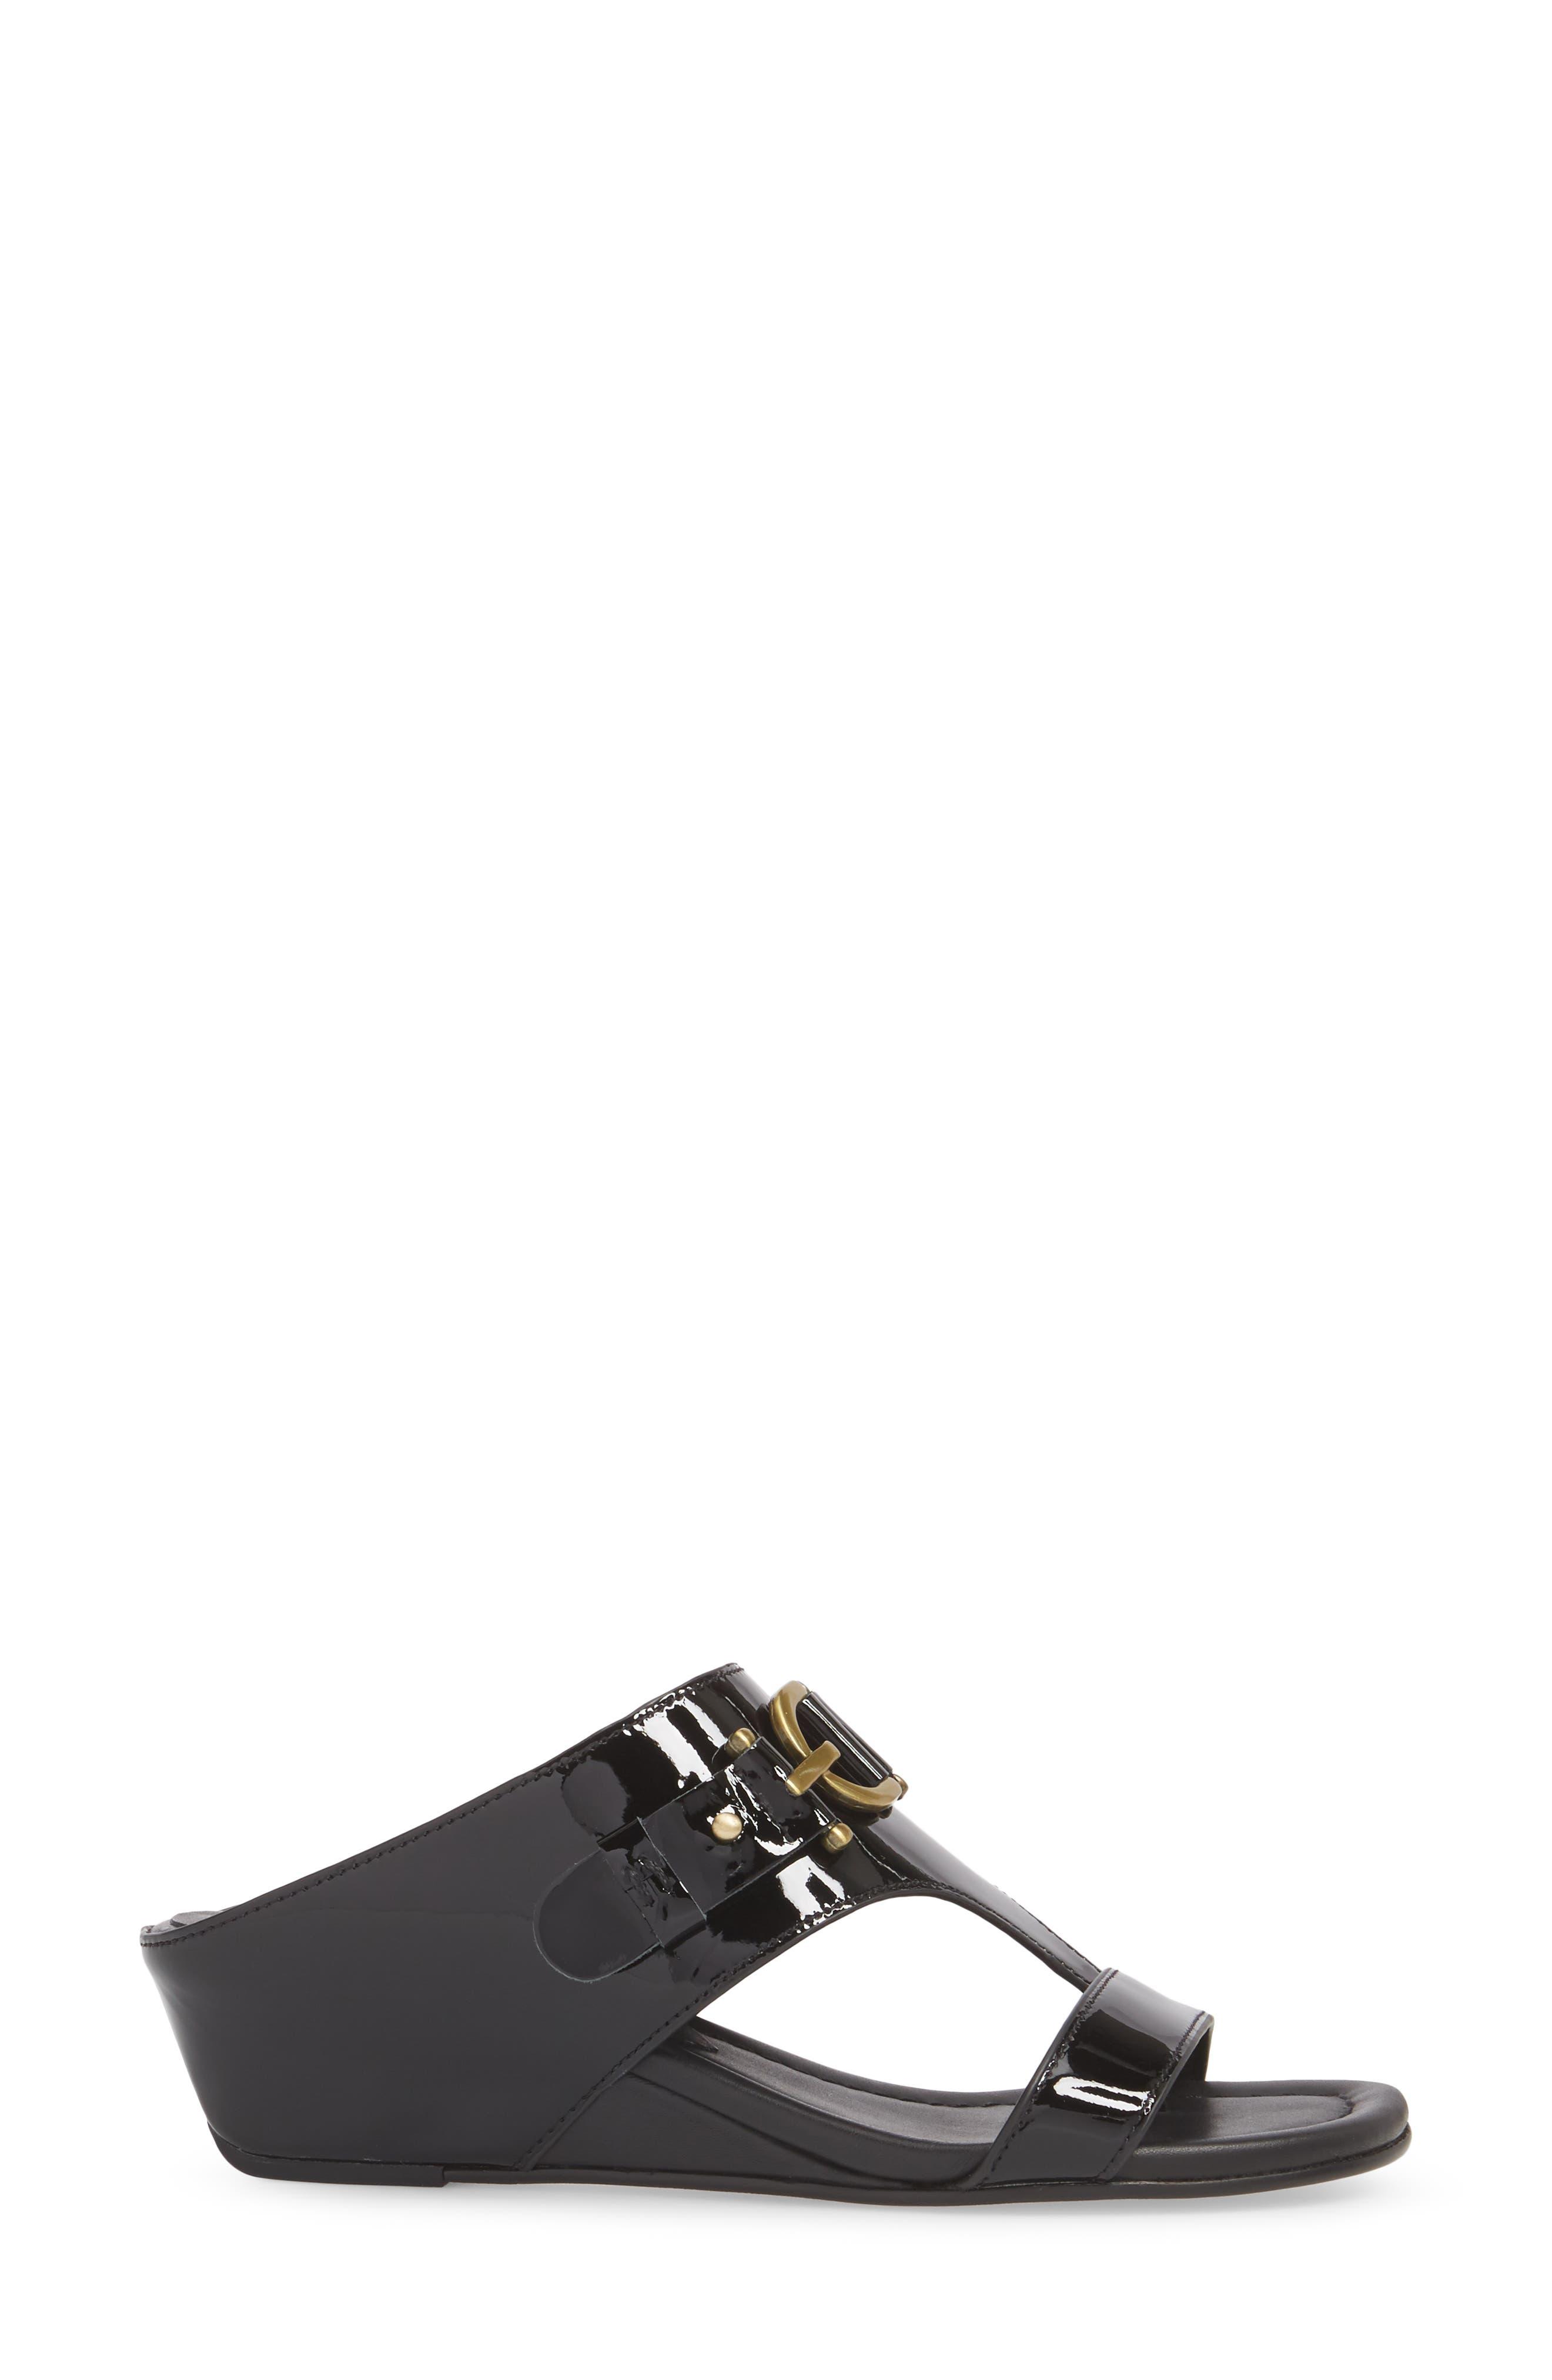 Dayna Wedge Sandal,                             Alternate thumbnail 3, color,                             001